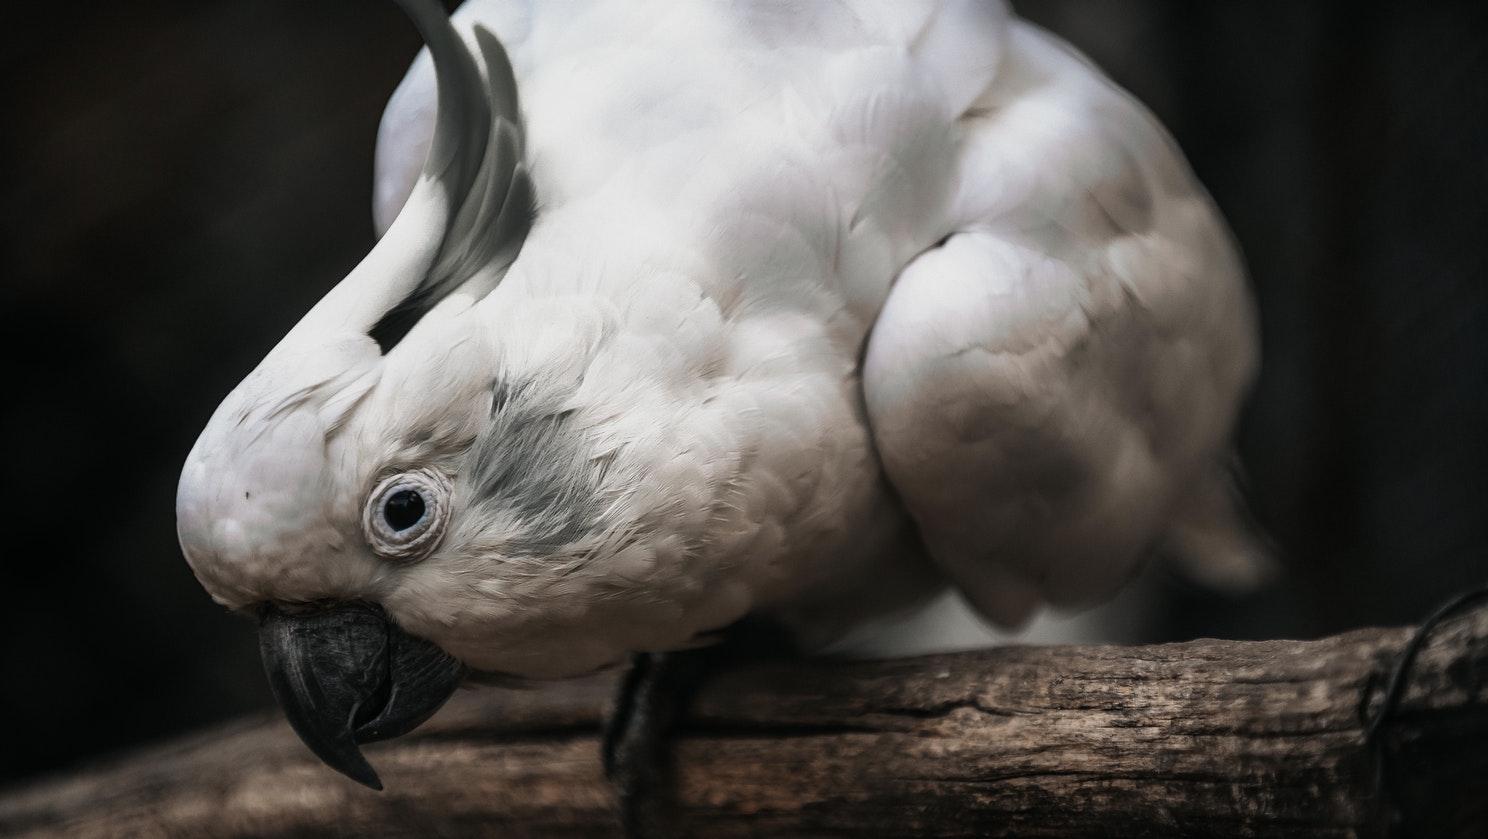 cacatoès espèce menacée - Inaudible Voices - programme de protection des espèces menacées créé par Free Spirit